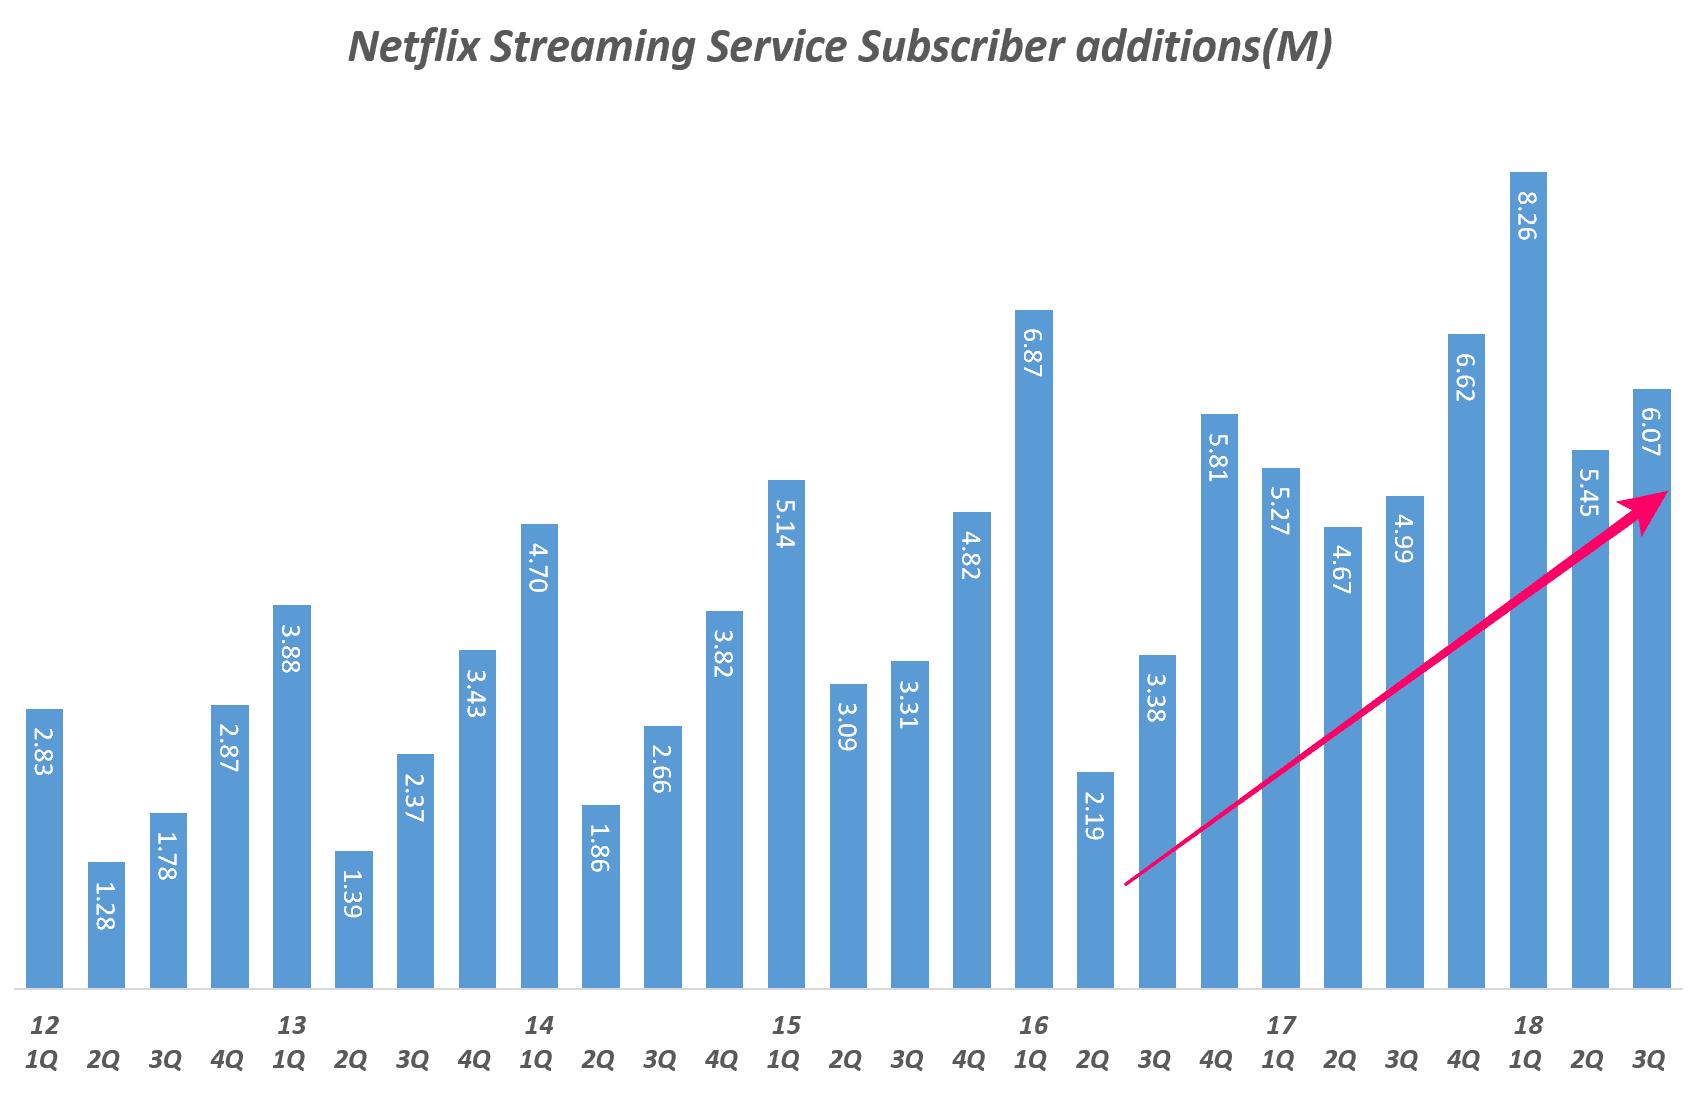 넷플릭스 분기별 스트리밍 서비스 유료 구독자 증가 추이(Quarterly Netflix Streaming Service Subscriber additions(M)2, Graph by Happist